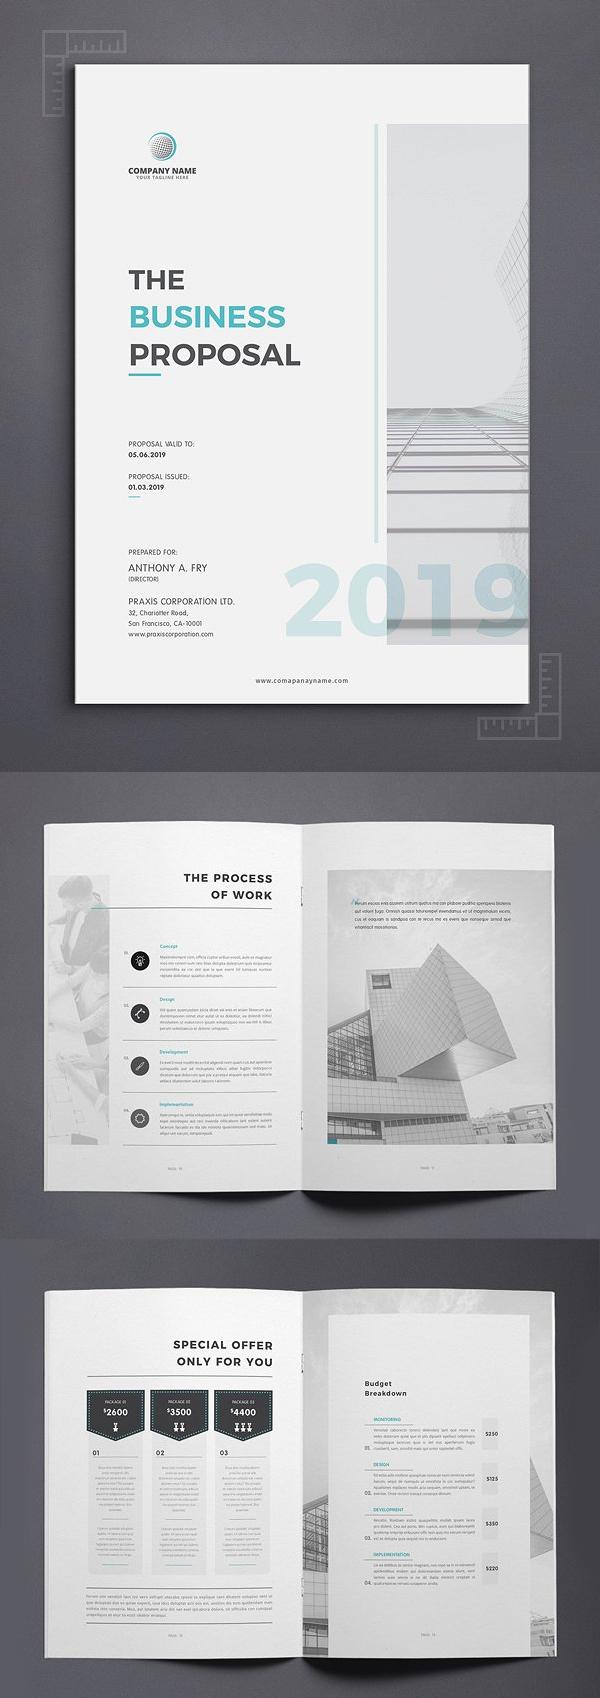 Diseño de mockups de propuesta de negocio profesional - 1